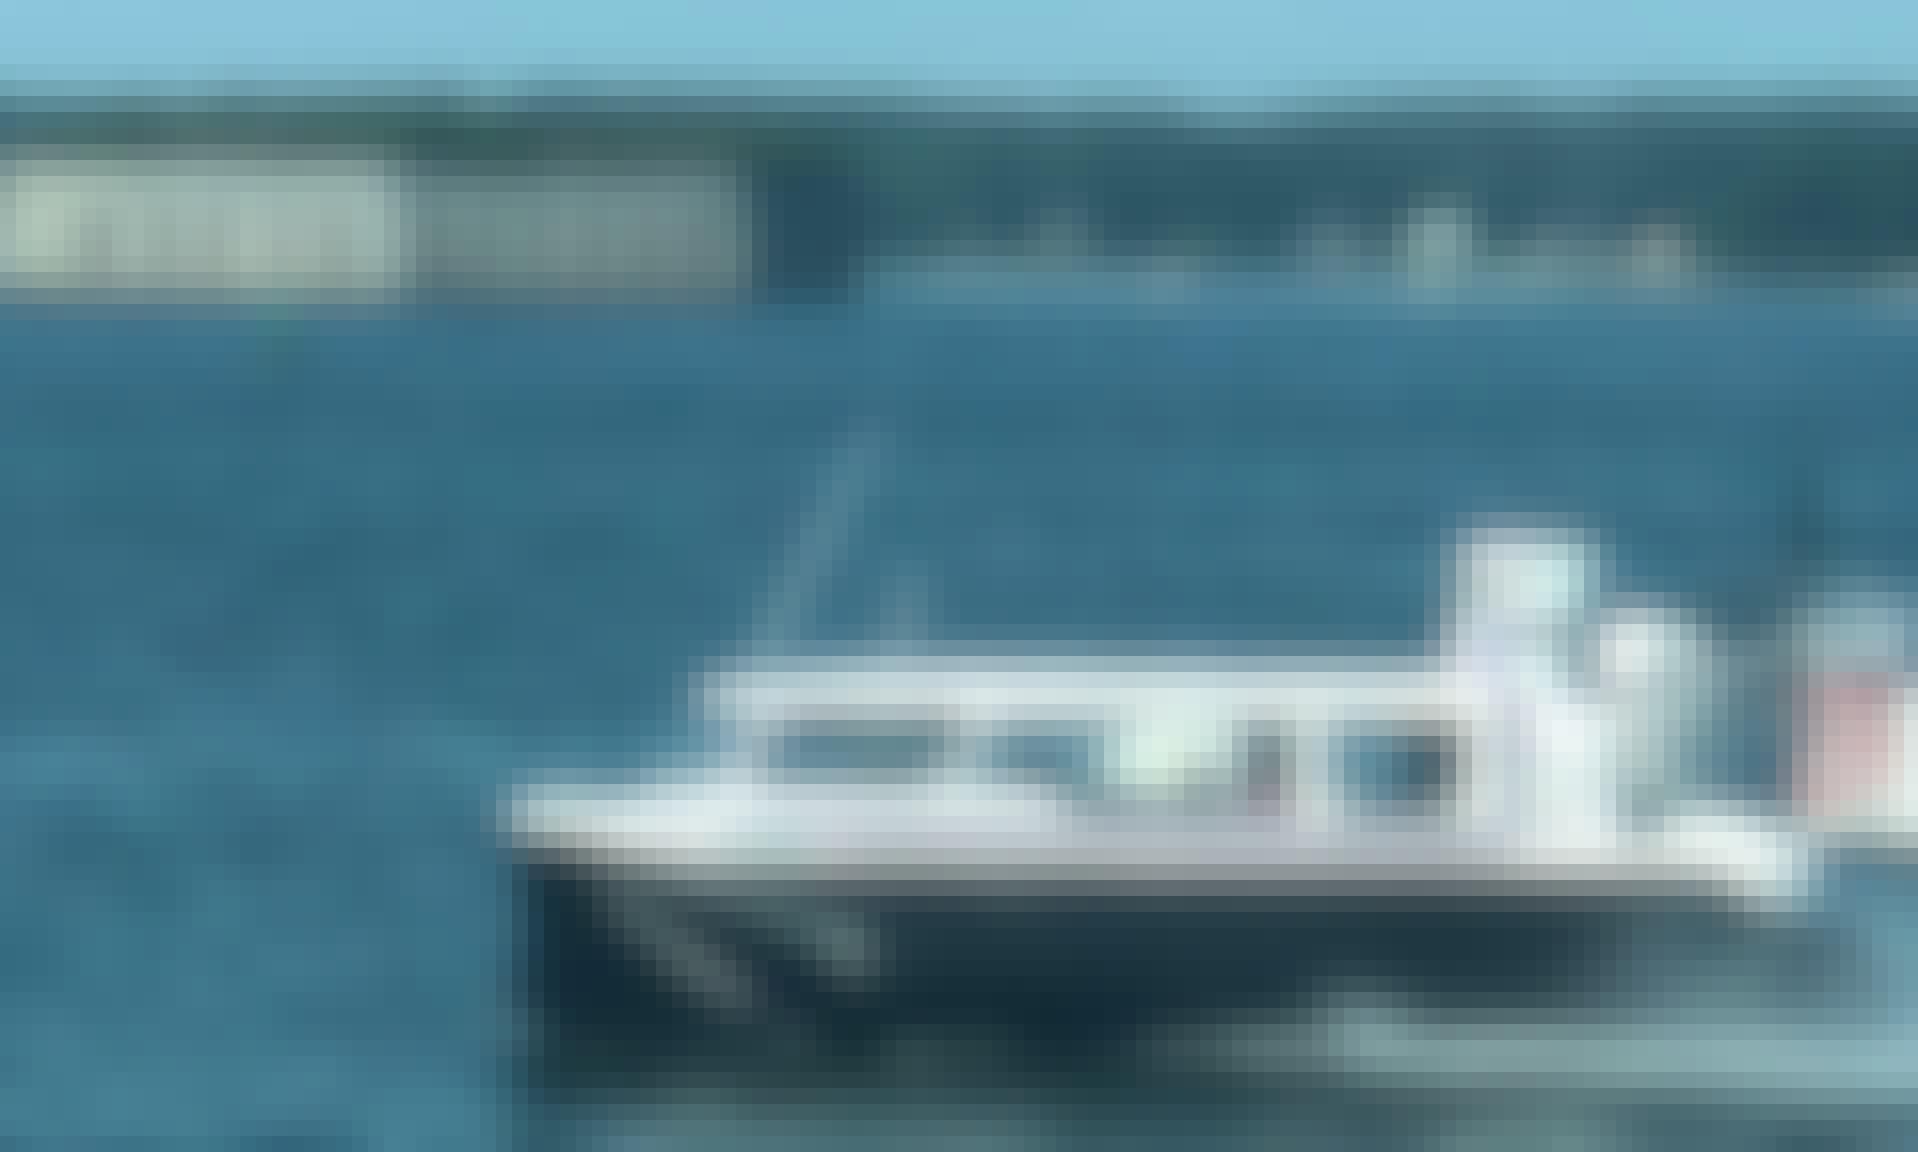 Hovercraft Portland Maine